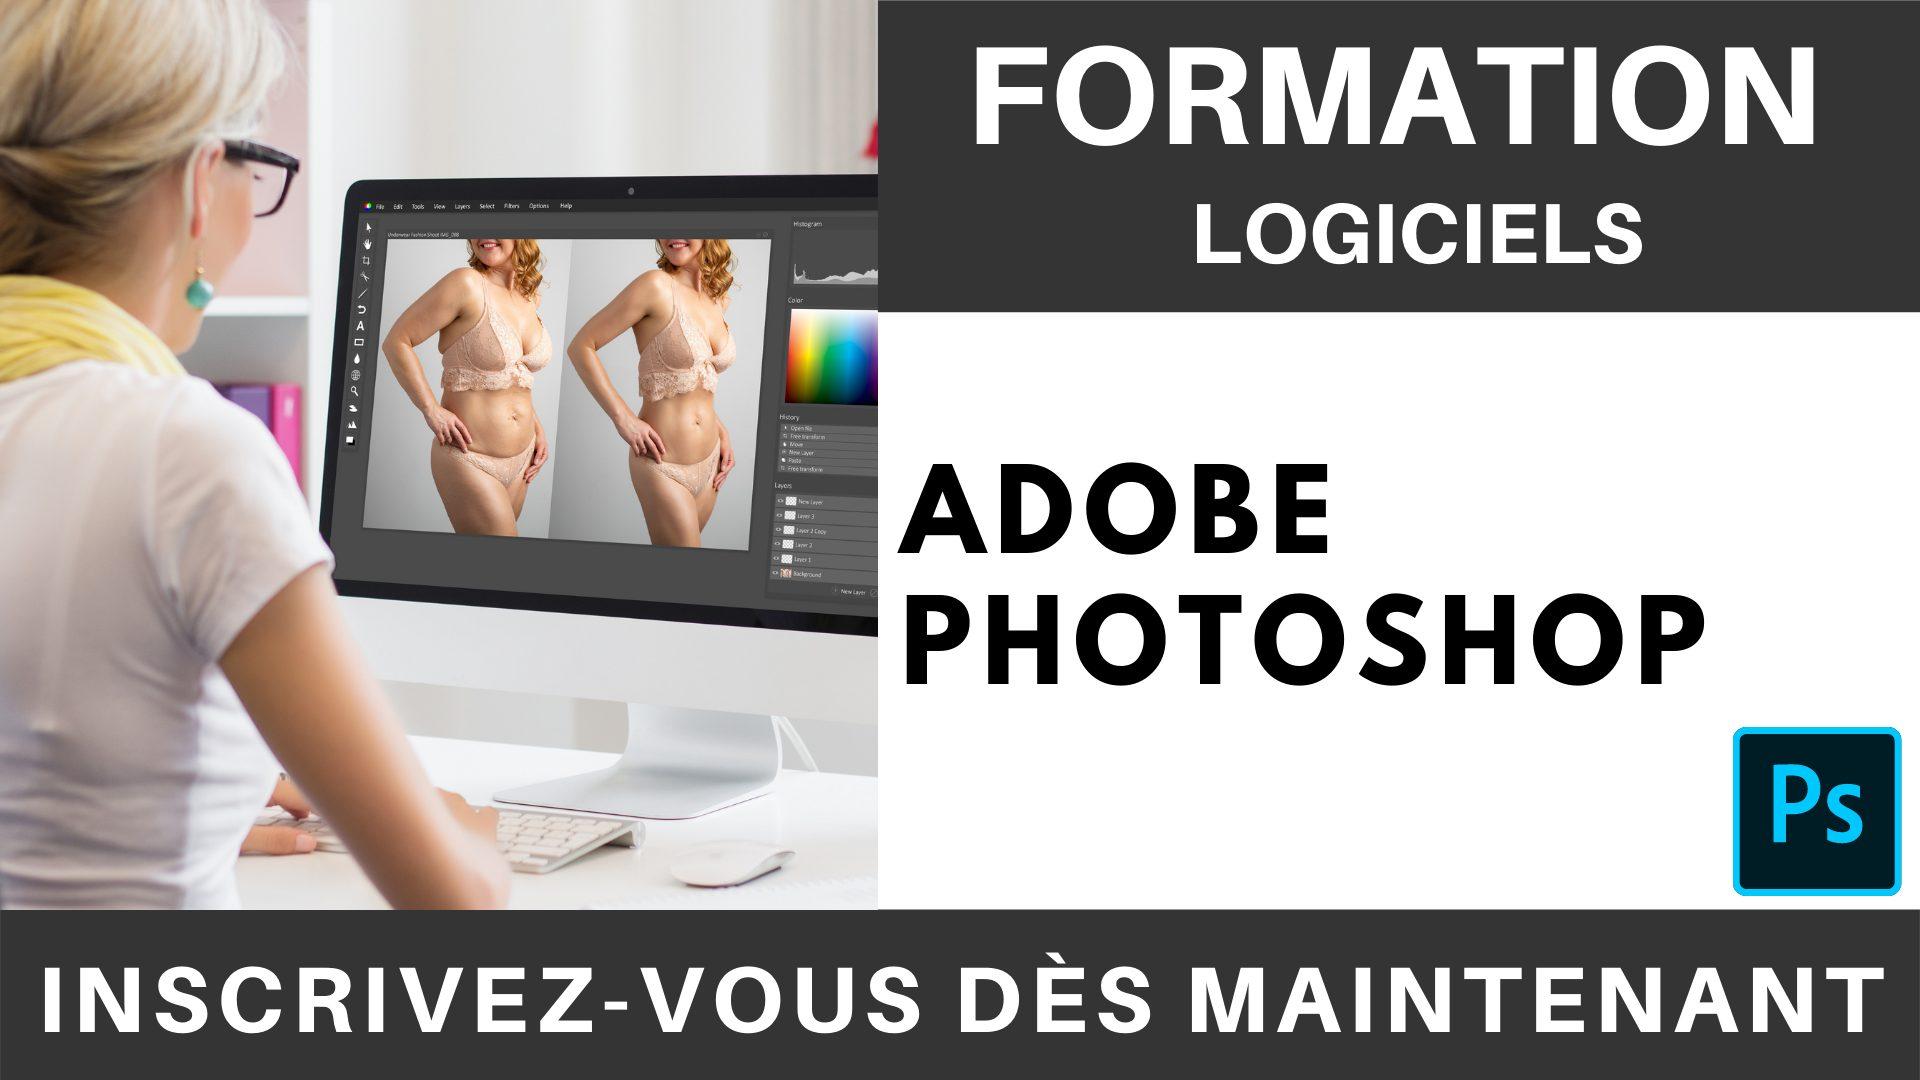 Formation LOGICIEL - Adobe Photoshop - Niveau intermédiaire avancé (1)